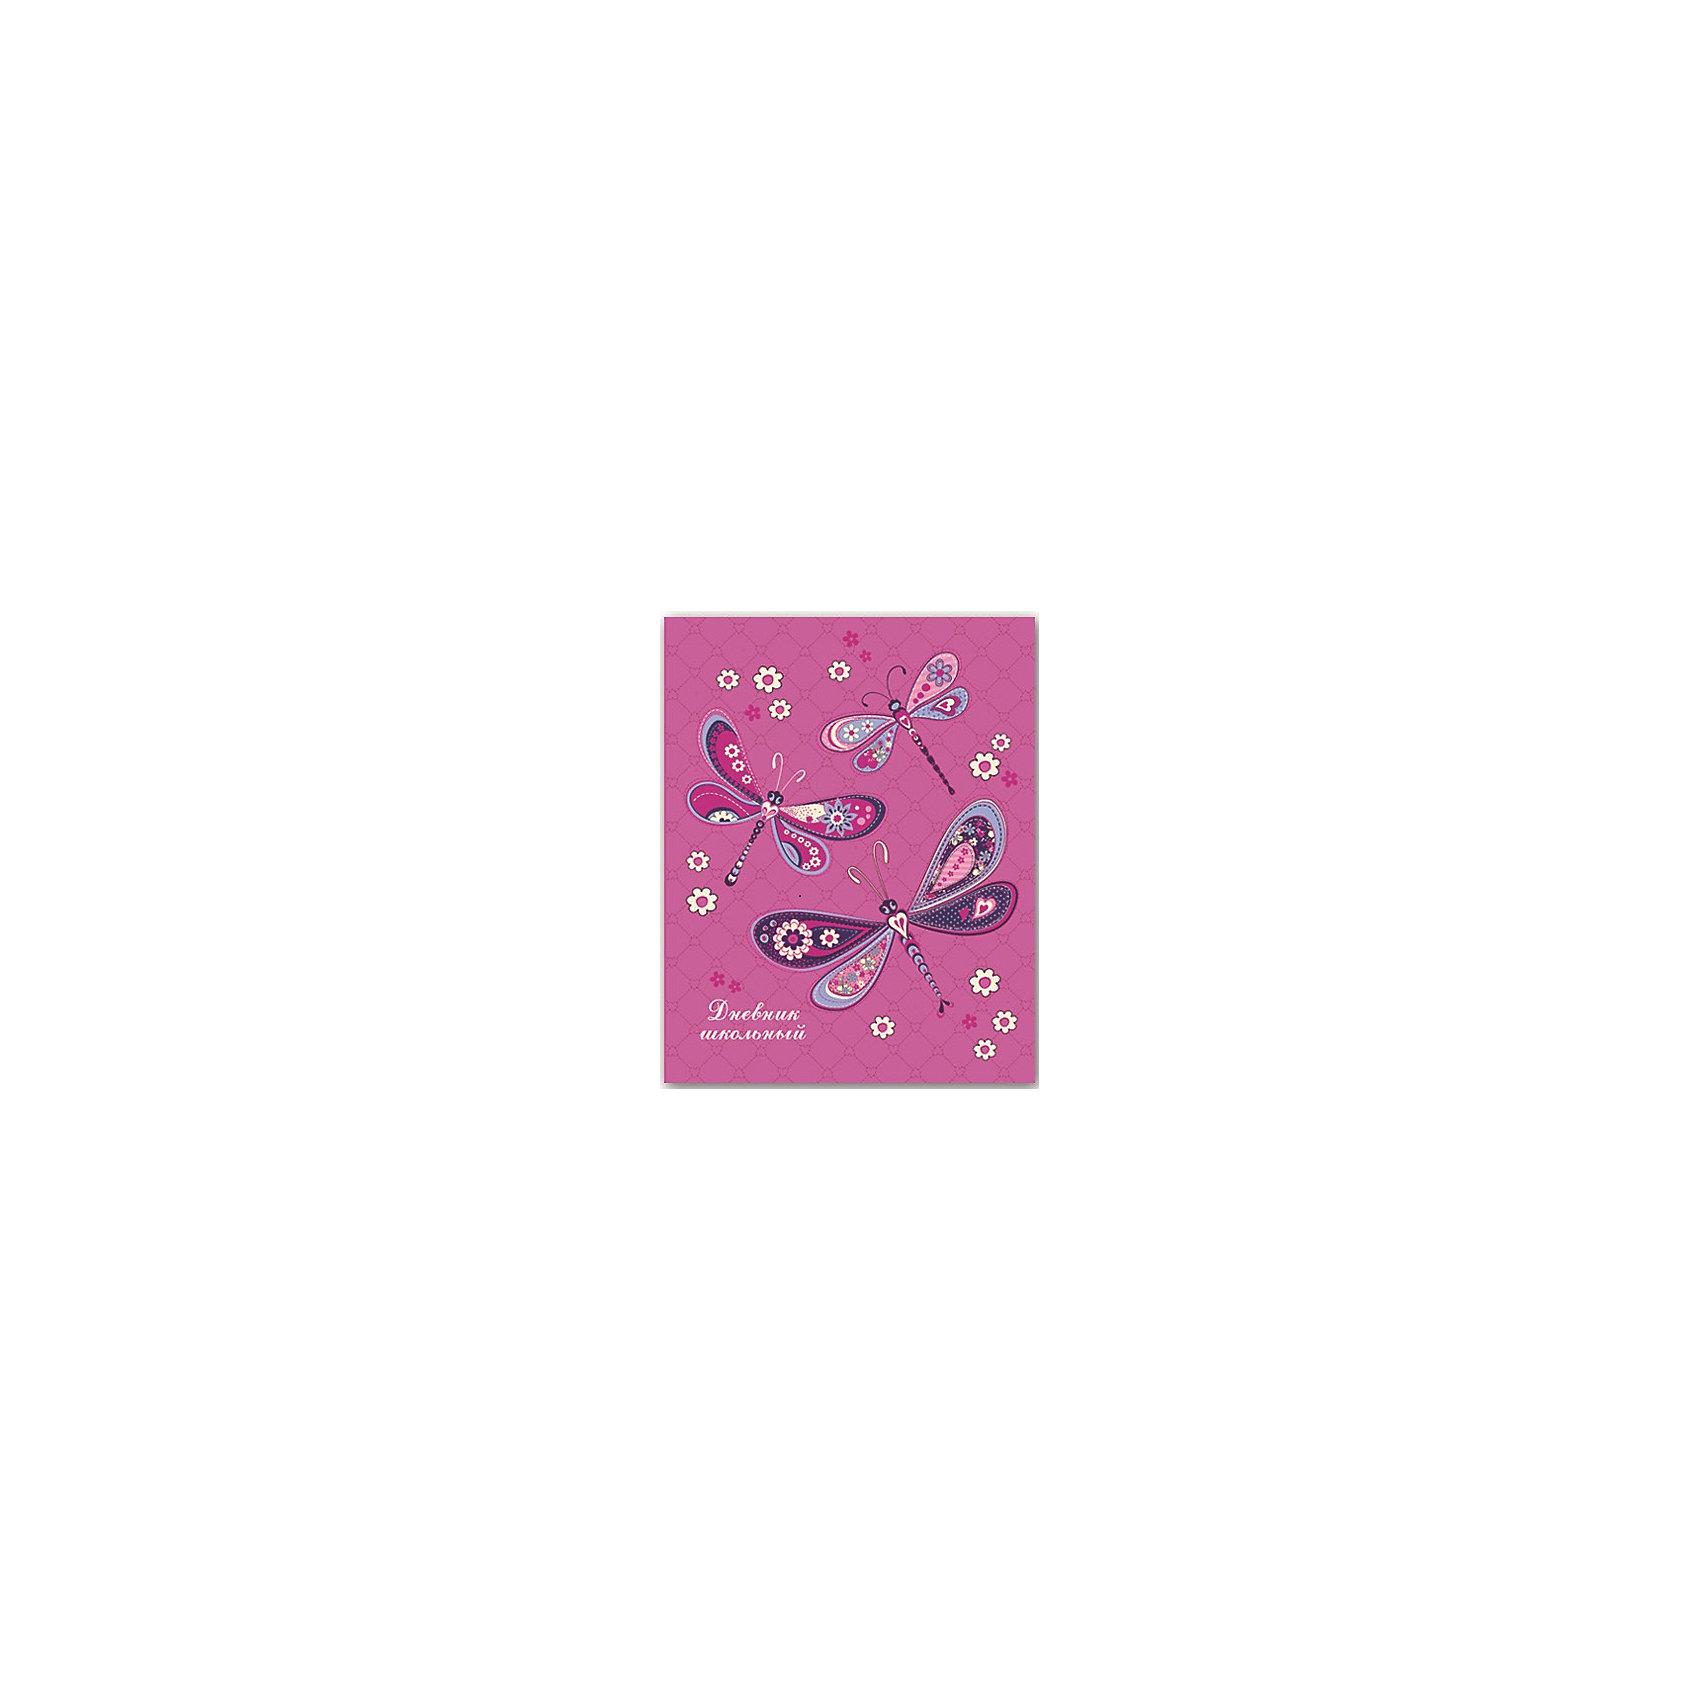 Дневник Яркие стрекозыОдна из важнейших школьных принадлежностей - дневник. Он нужен каждому школьнику. Занятия ребенка в школе всегда требуют приобретения атрибутов для учебы. Так пусть они будут стильными и качественными! Ведь учиться с ними - намного приятней.<br>Школьный дневник Яркие стрекозы - стандартного формата А5. Обложка - из плотной бумаги с оригинальным рисунком. Листы надежно скреплены. Изделие произведено из качественных и безопасных для ребенка материалов.<br><br>Дополнительная информация:<br><br>цвет: разноцветный;<br>формат: А5;<br>материал: бумага.<br><br>Дневник Яркие стрекозы можно купить в нашем магазине.<br><br>Ширина мм: 210<br>Глубина мм: 175<br>Высота мм: 10<br>Вес г: 230<br>Возраст от месяцев: 72<br>Возраст до месяцев: 192<br>Пол: Женский<br>Возраст: Детский<br>SKU: 4746249